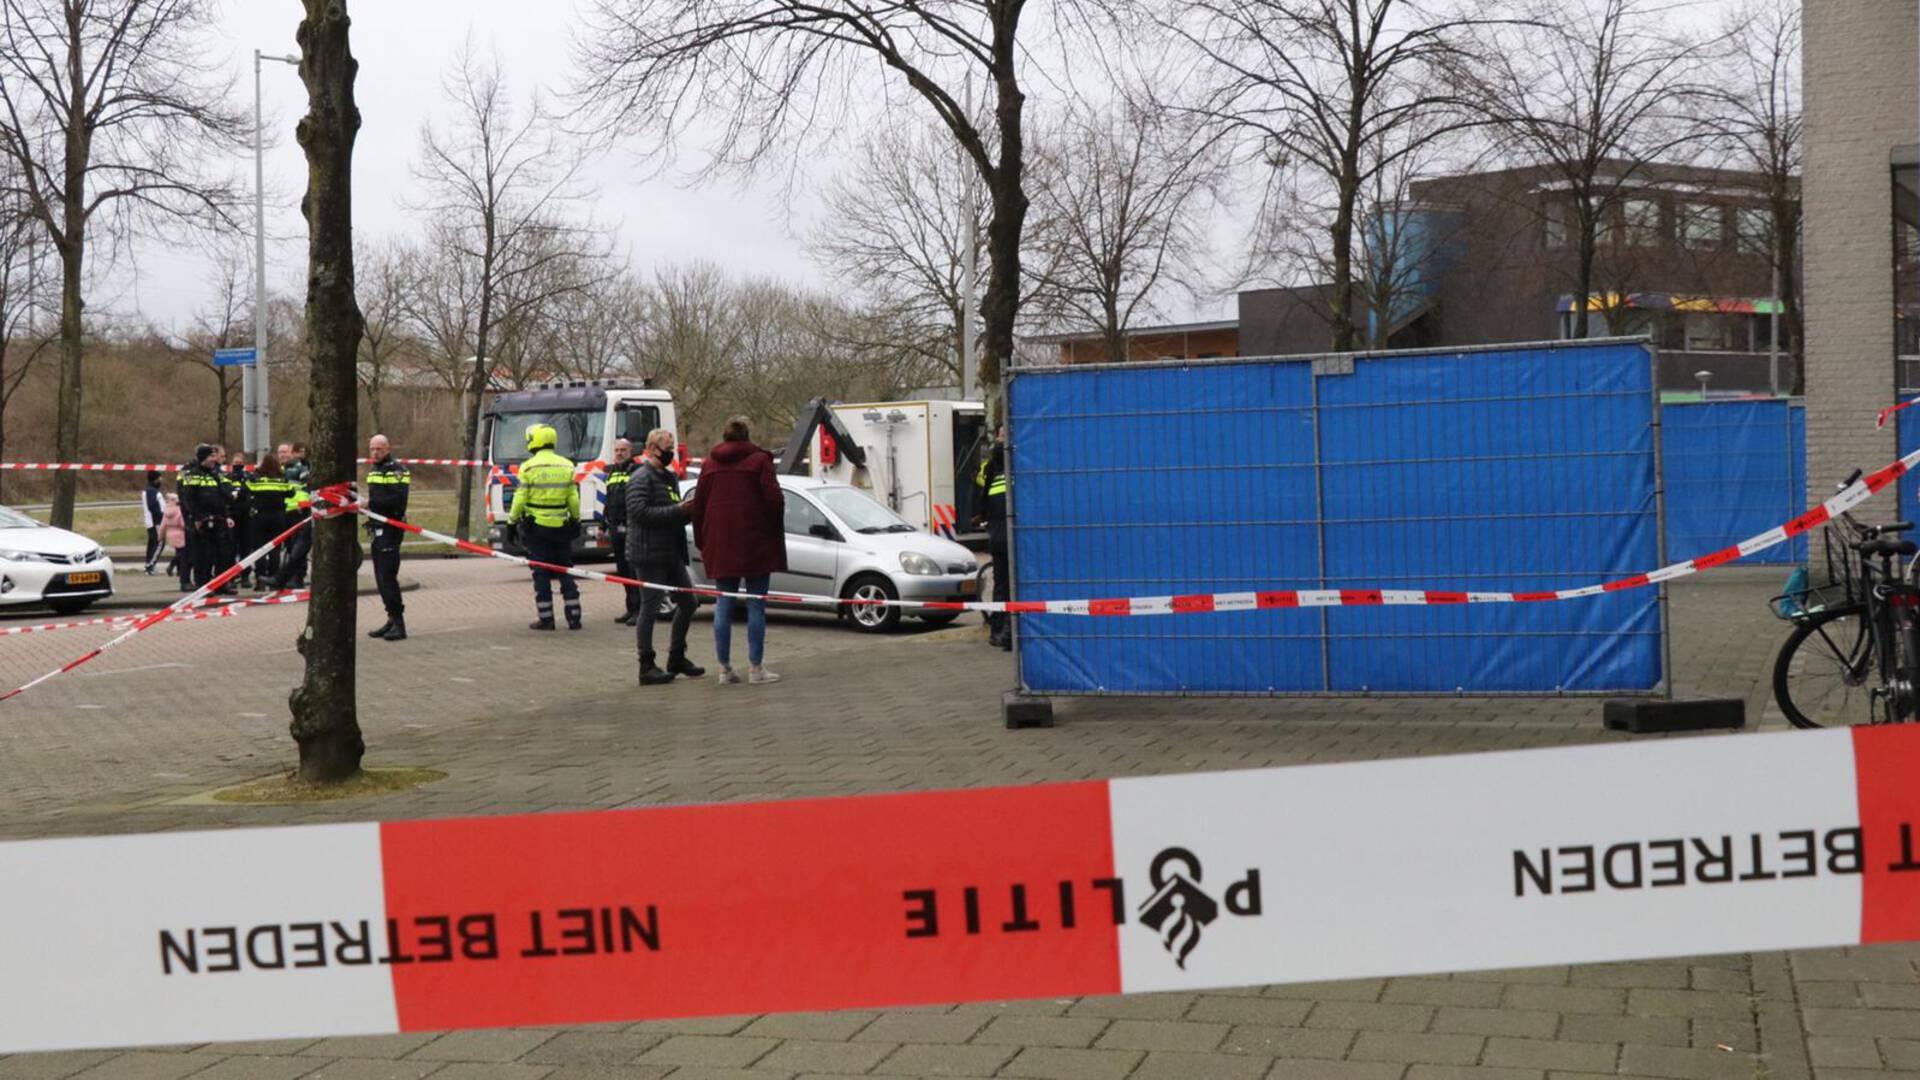 قُتل رجل بالرصاص في أمستردام وفرَّ المسلح هارباً